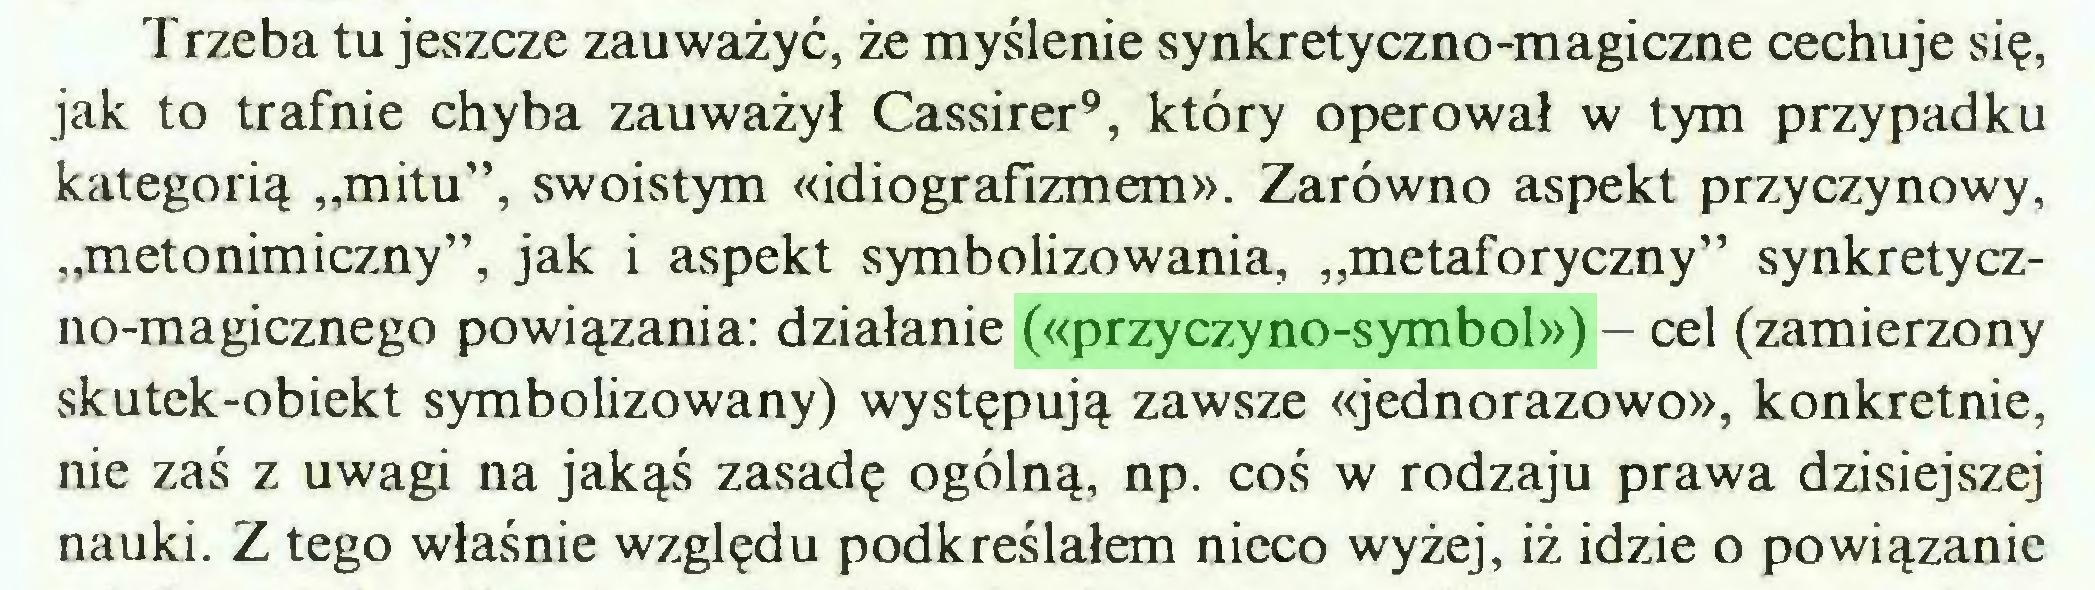 """(...) Trzeba tu jeszcze zauważyć, że myślenie synkretyczno-magiczne cechuje się, jak to trafnie chyba zauważył Cassirer9, który operował w tym przypadku kategorią """"mitu"""", swoistym «idiografizmem». Zarówno aspekt przyczynowy, """"metonimiczny"""", jak i aspekt symbolizowania, """"metaforyczny"""" synkretyczno-magicznego powiązania: działanie («przyczyno-symbol») - cel (zamierzony skutek-obiekt symbolizowany) występują zawsze «jednorazowo», konkretnie, nie zaś z uwagi na jakąś zasadę ogólną, np. coś w rodzaju prawa dzisiejszej nauki. Z tego właśnie względu podkreślałem nieco wyżej, iż idzie o powiązanie..."""